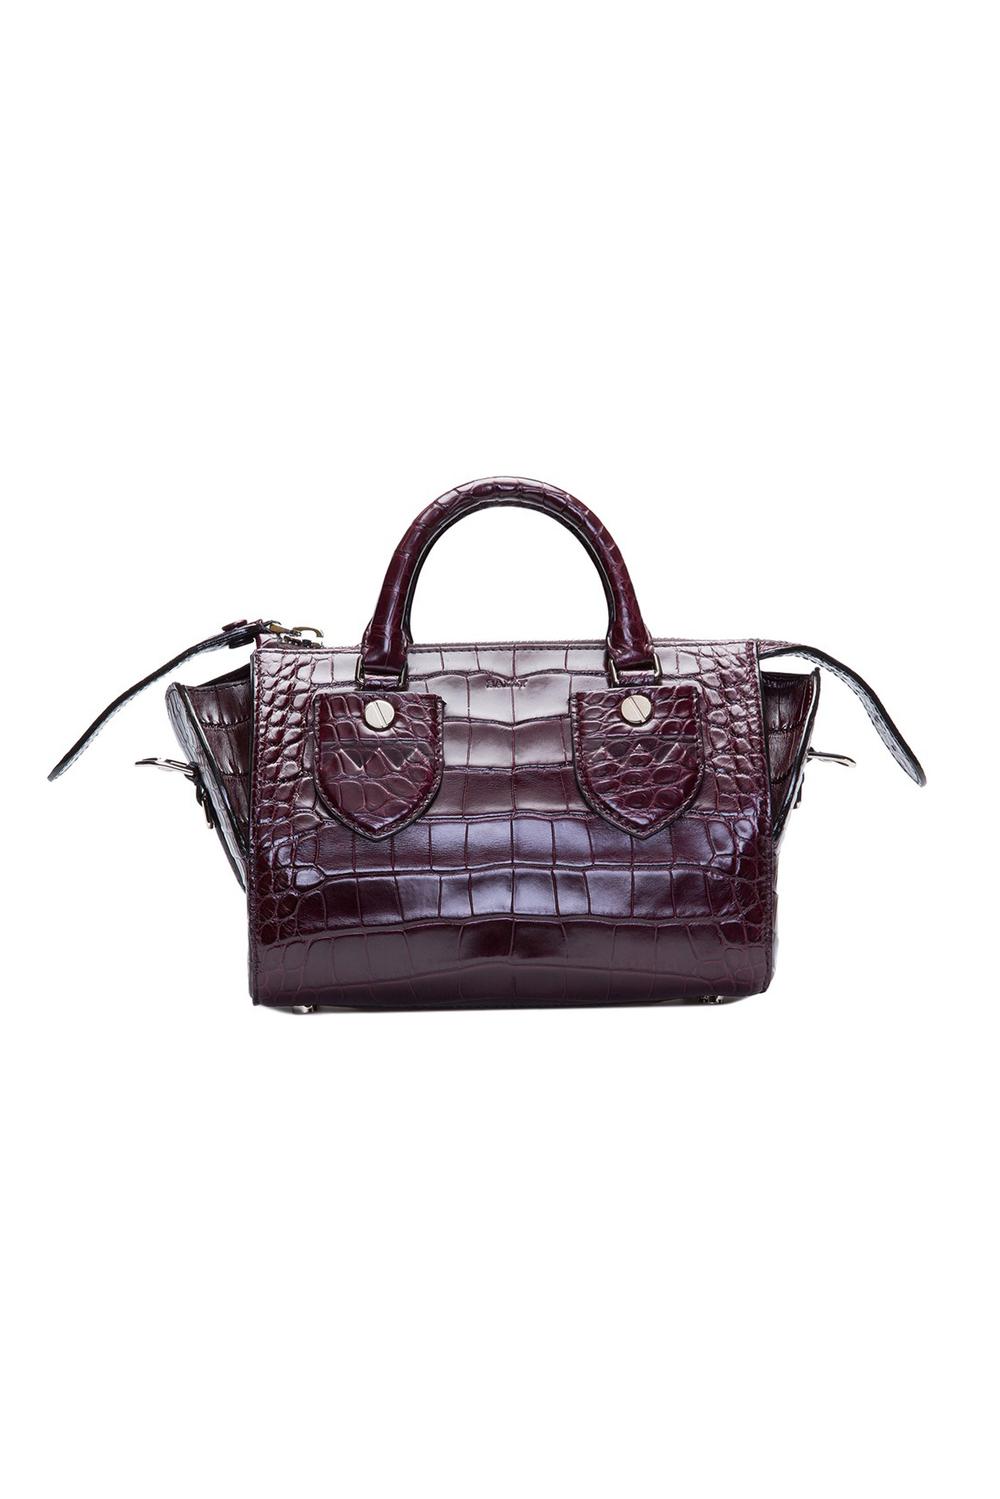 04-07-bags.jpg